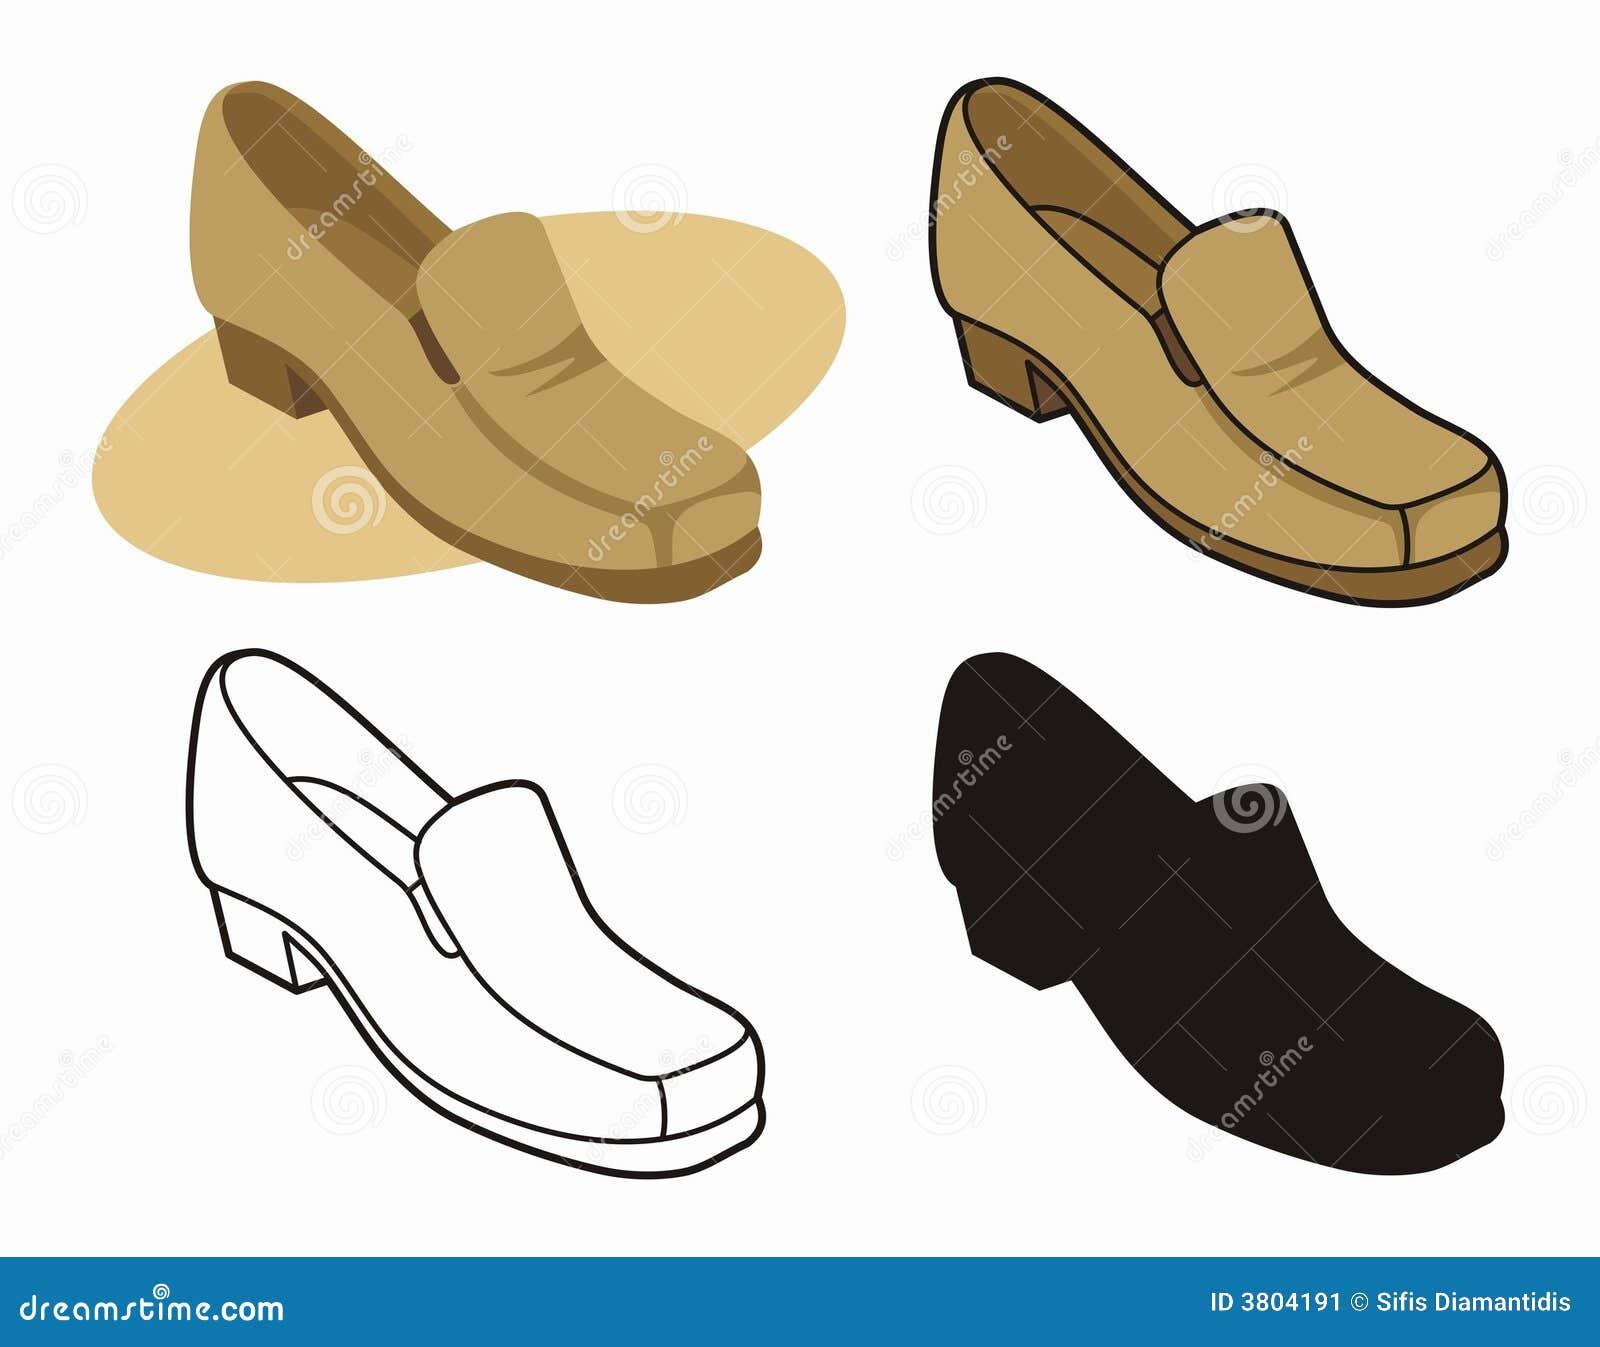 Male shoe 2